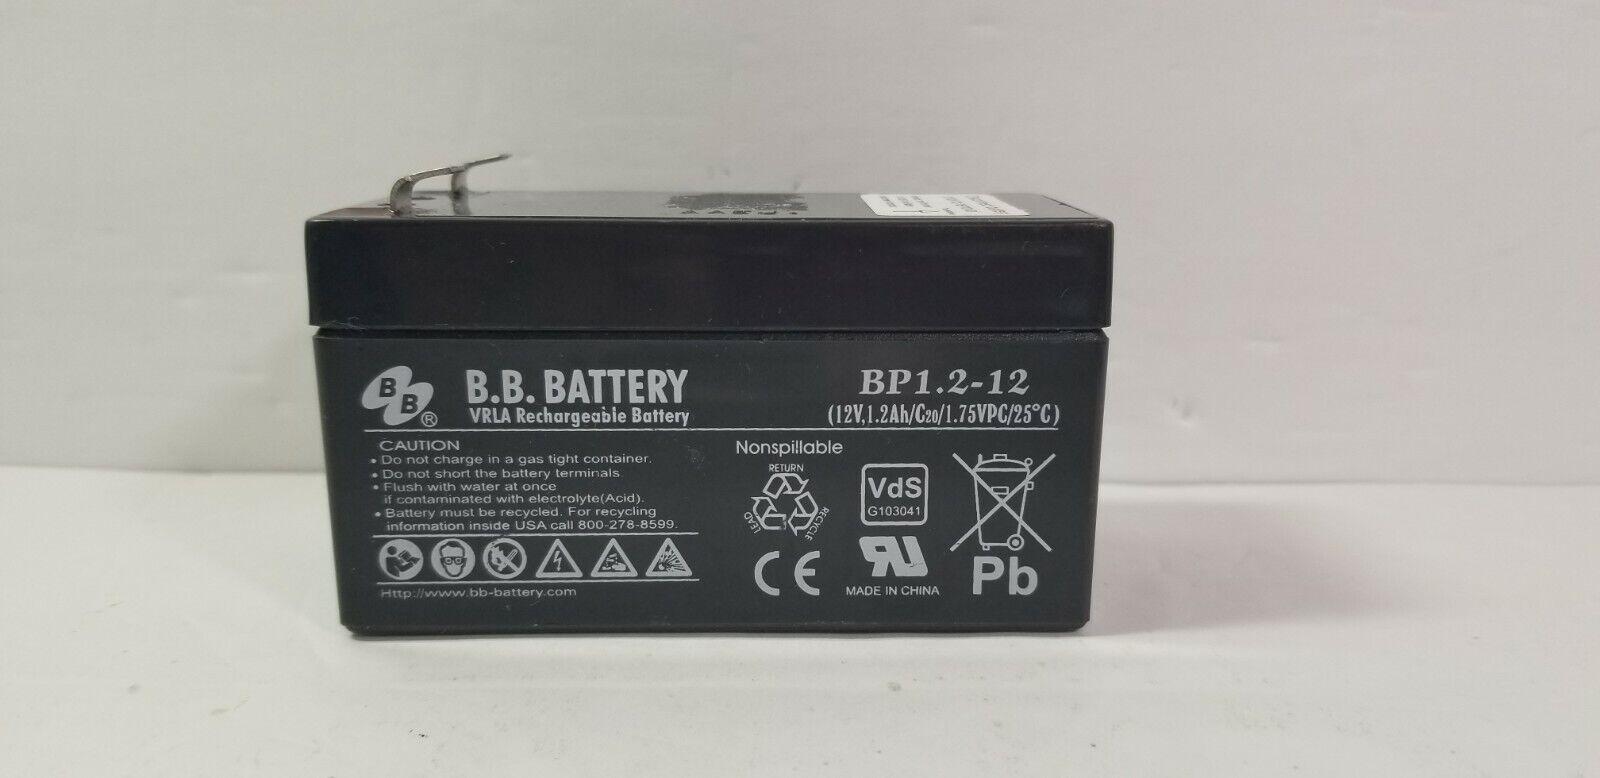 Battery: BB battery   BP 1.2-12   12V, 1.2AH   VRLA Rechargeable